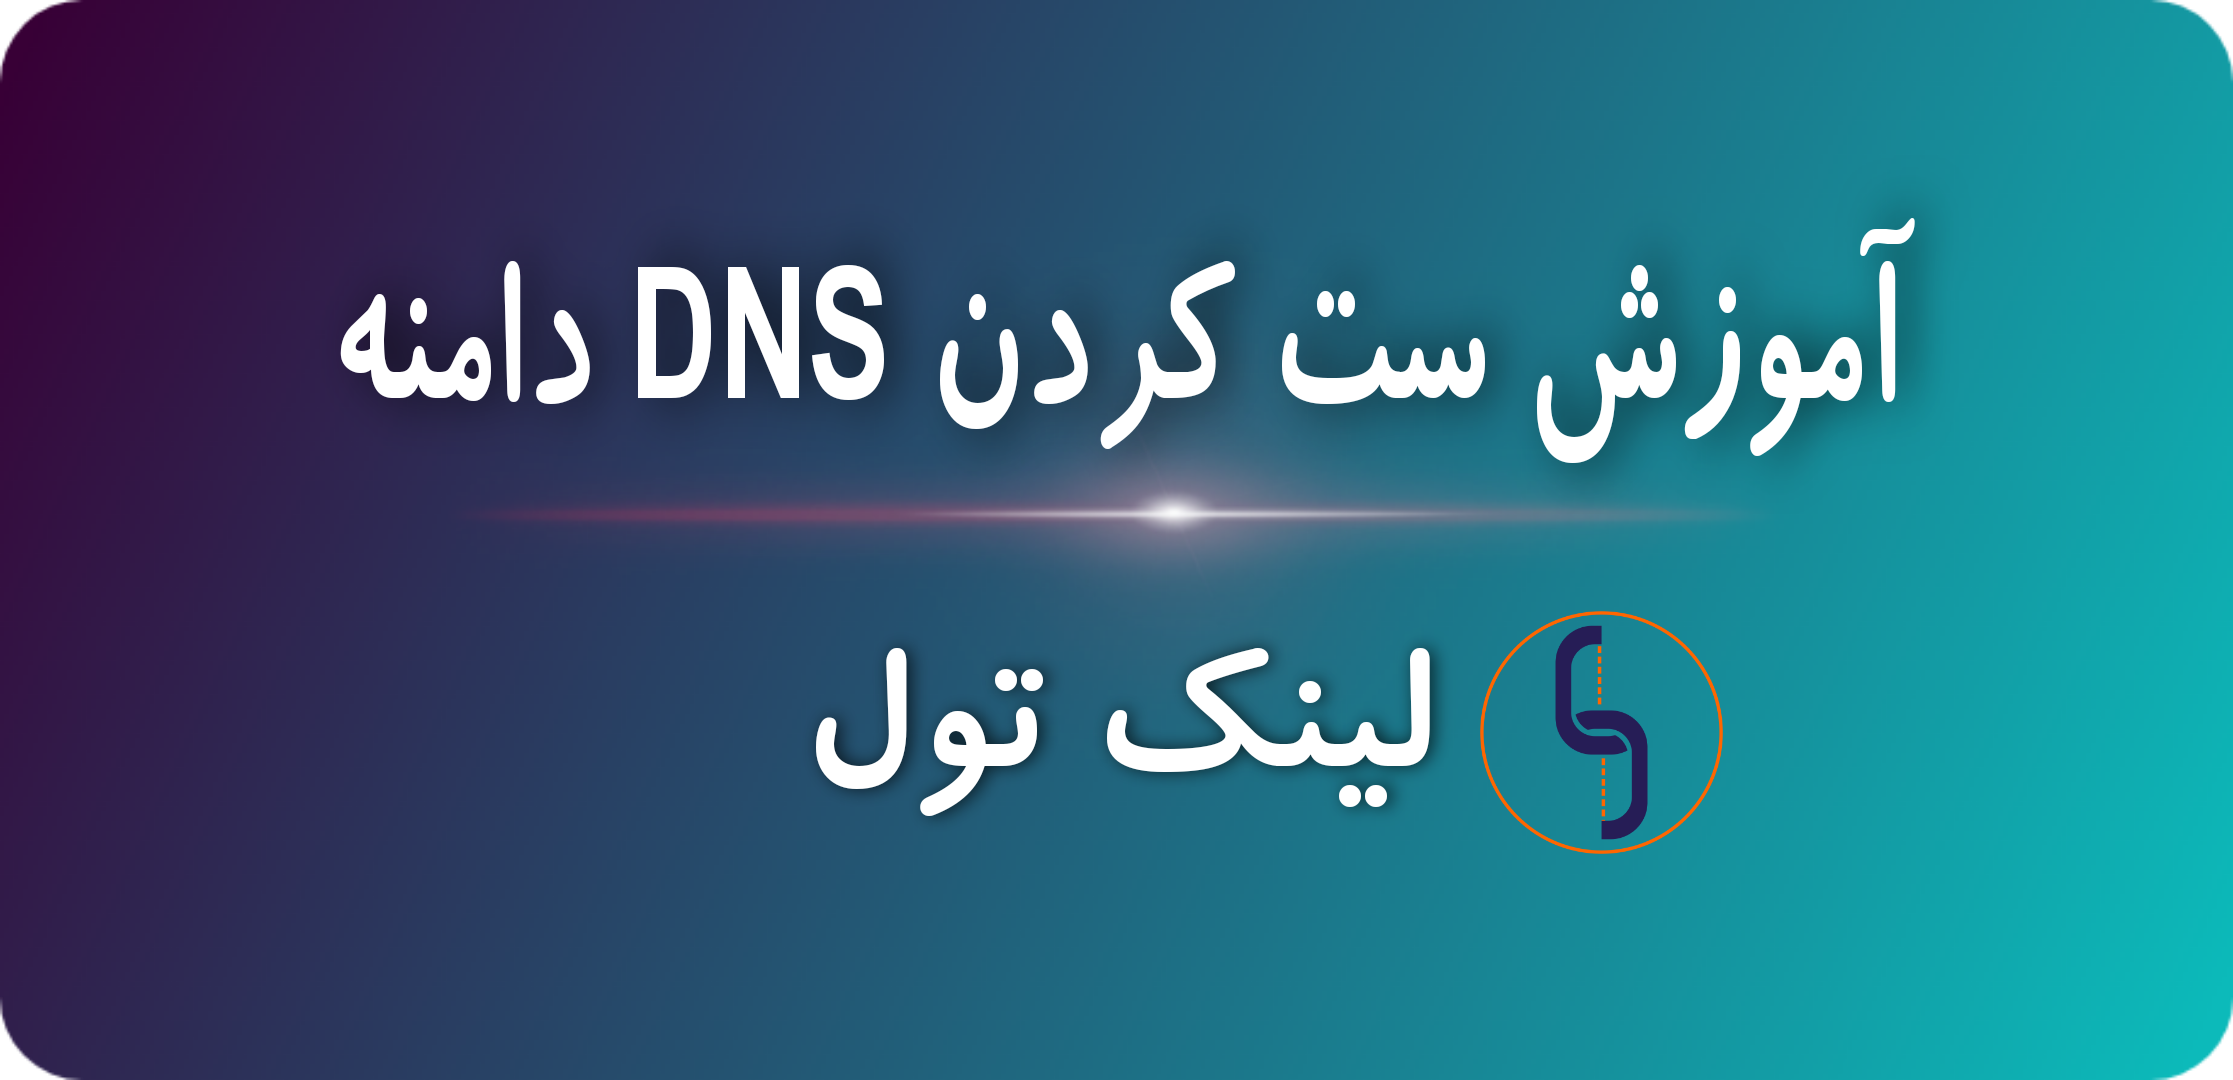 تنظیم DNS دامنه برای کوتاه کننده لینک